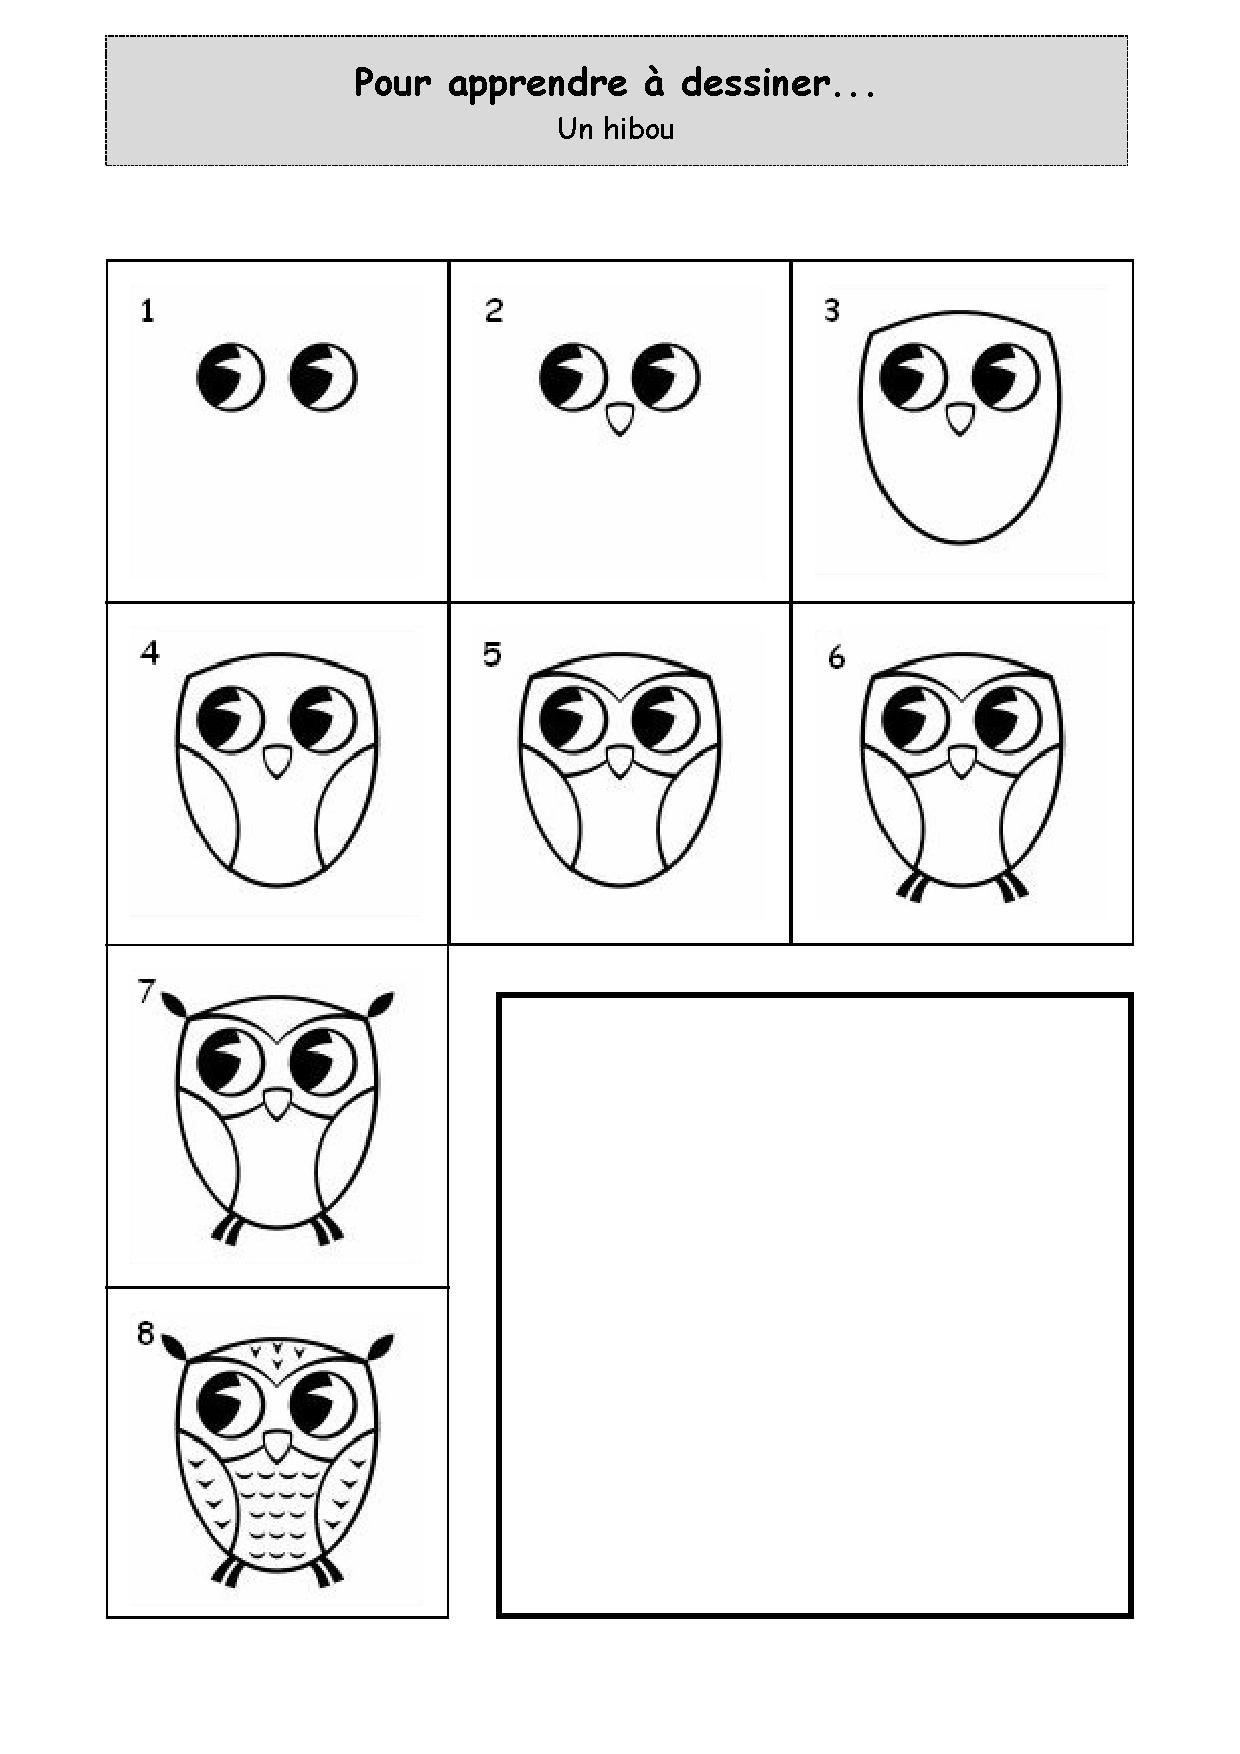 Apprendre À Dessiner Un Hibou dedans Dessin Hibou Facile